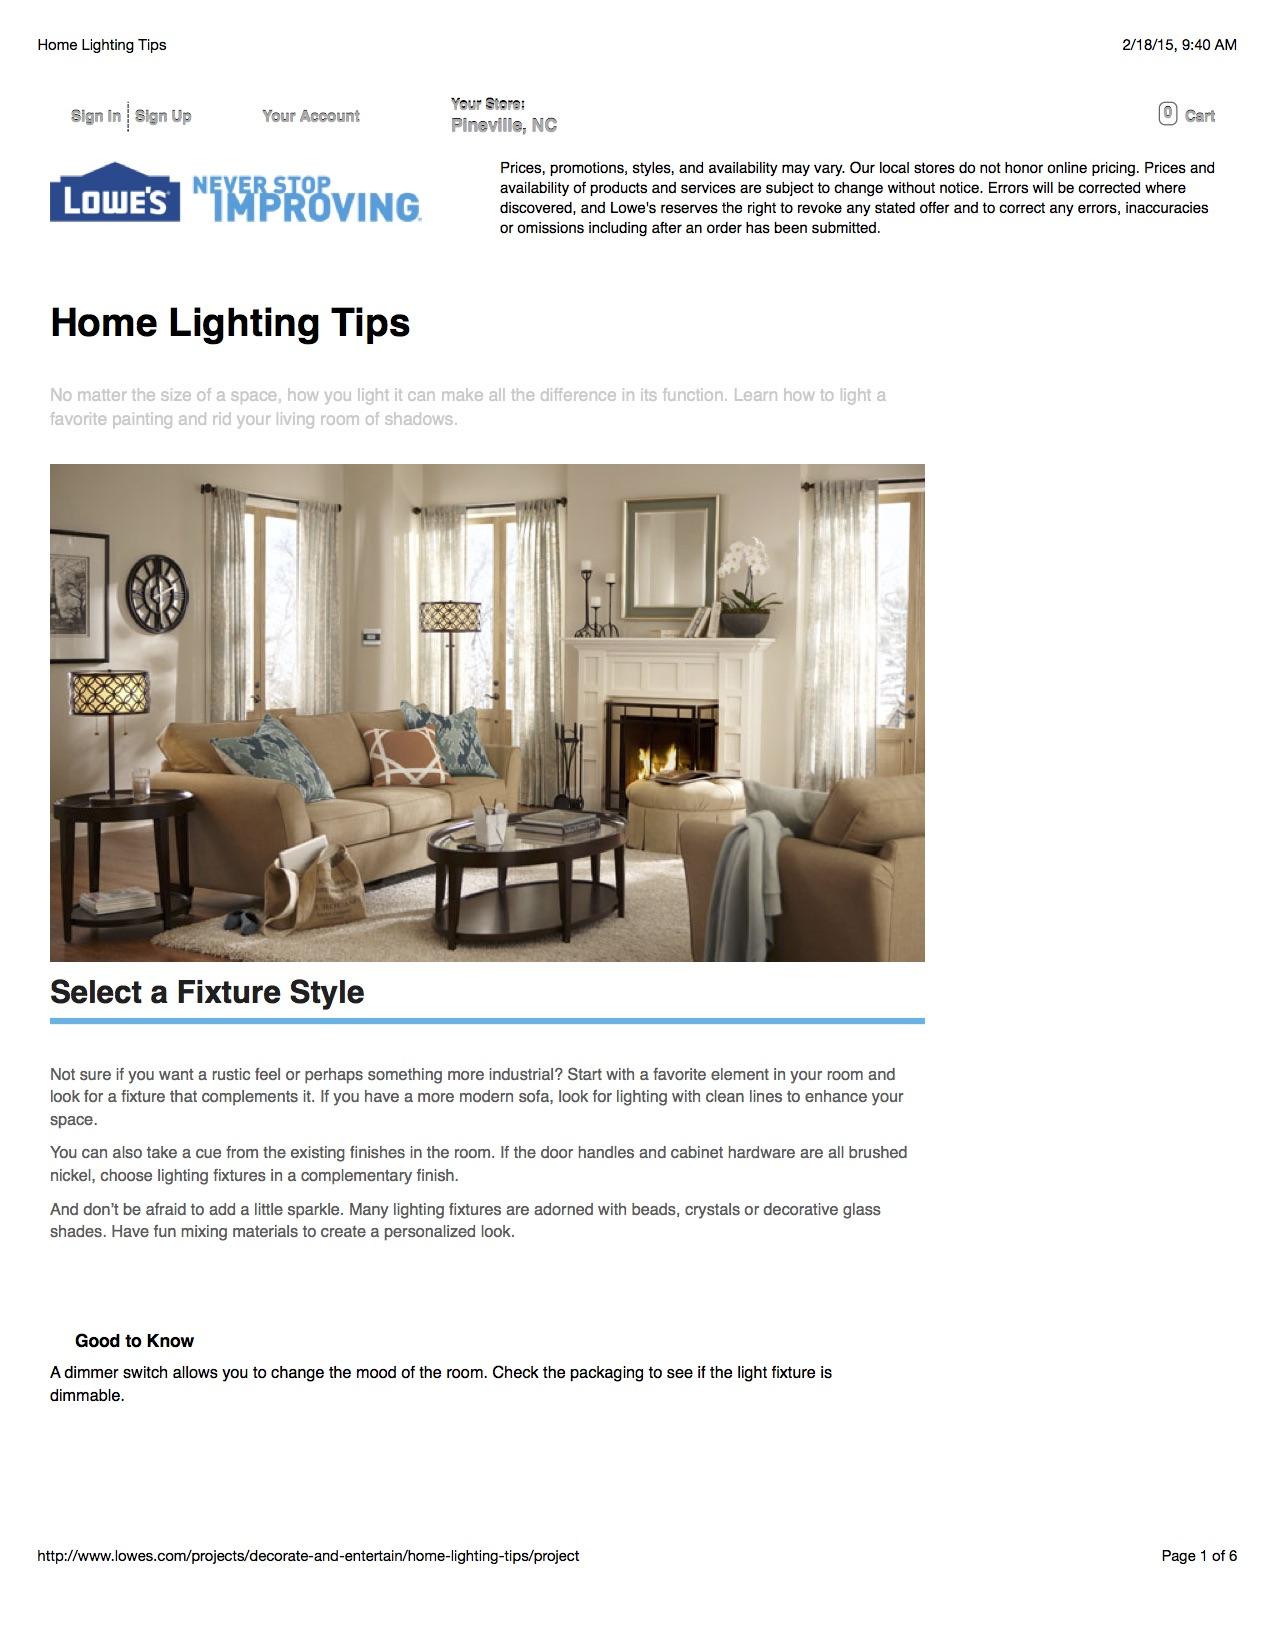 Home Lighting Tips_1.jpg